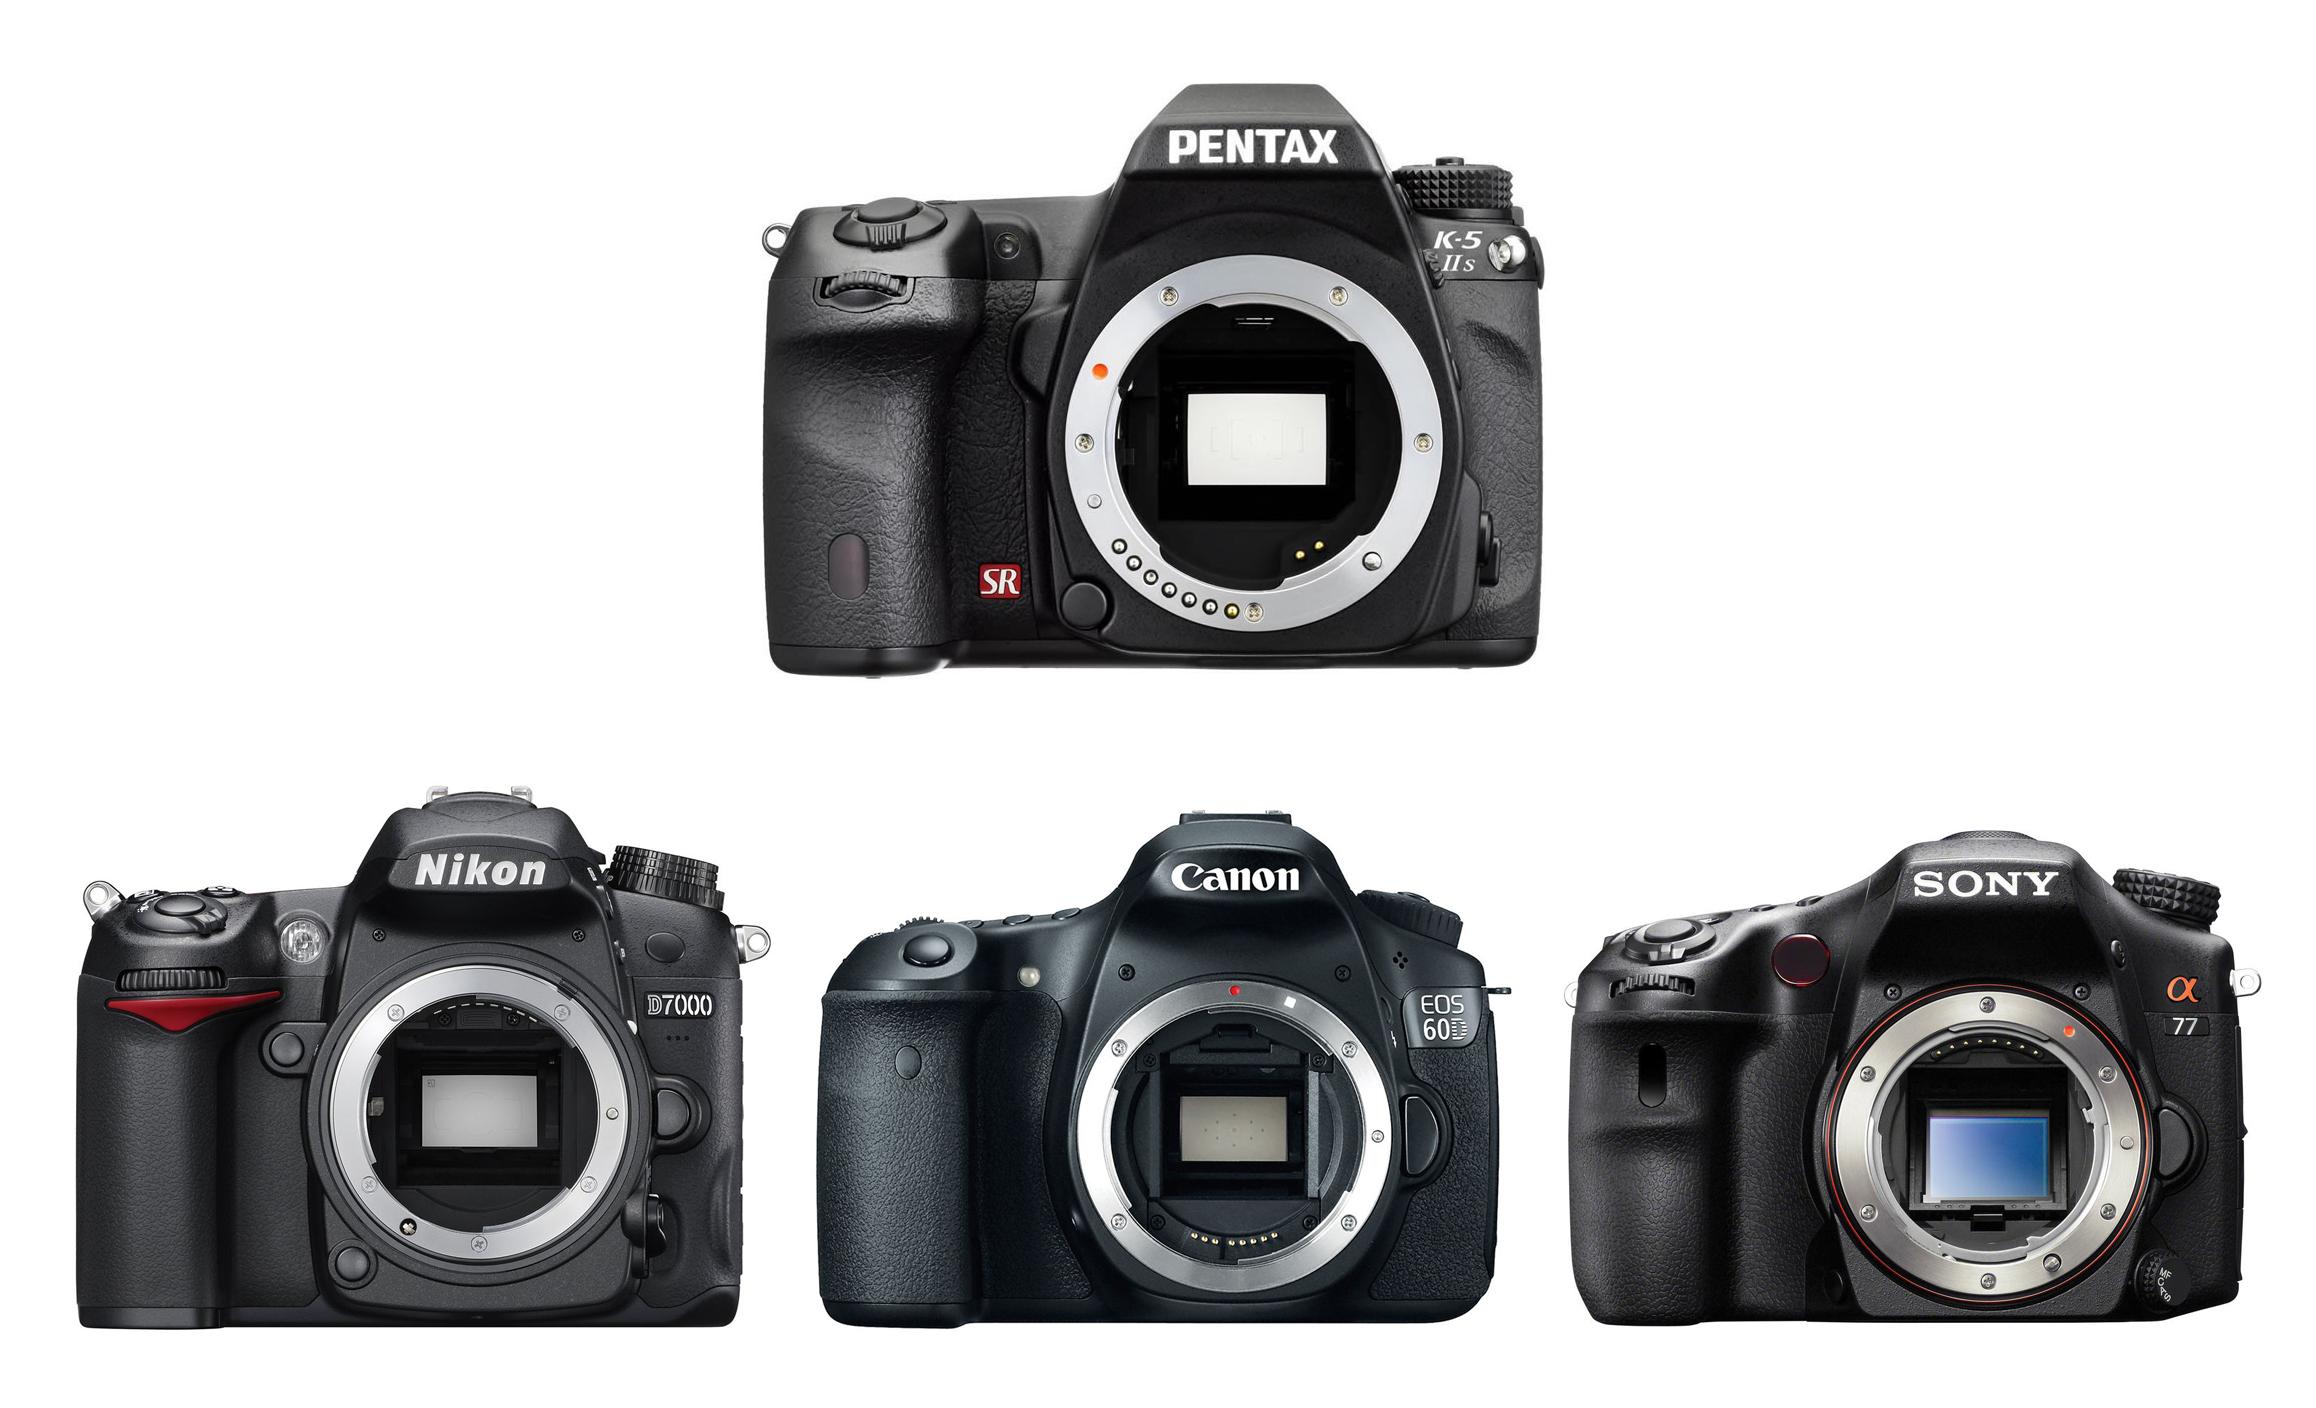 Best DSLR Cameras Under $1,000